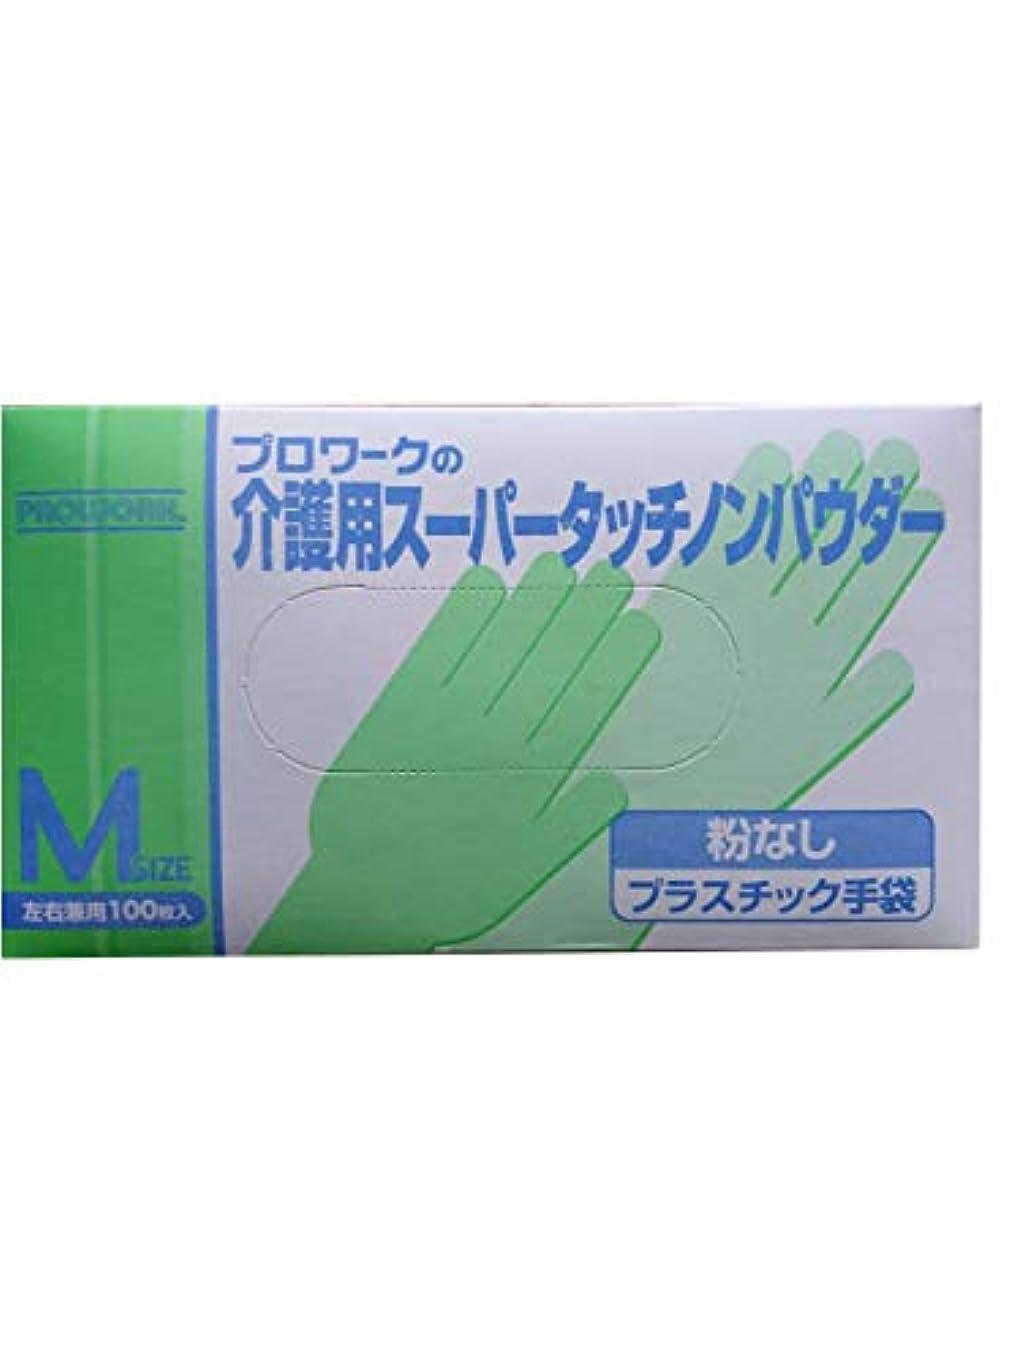 介護用スーパータッチノンパウダー プラスチック手袋 粉なし Mサイズ 左右兼用100枚入